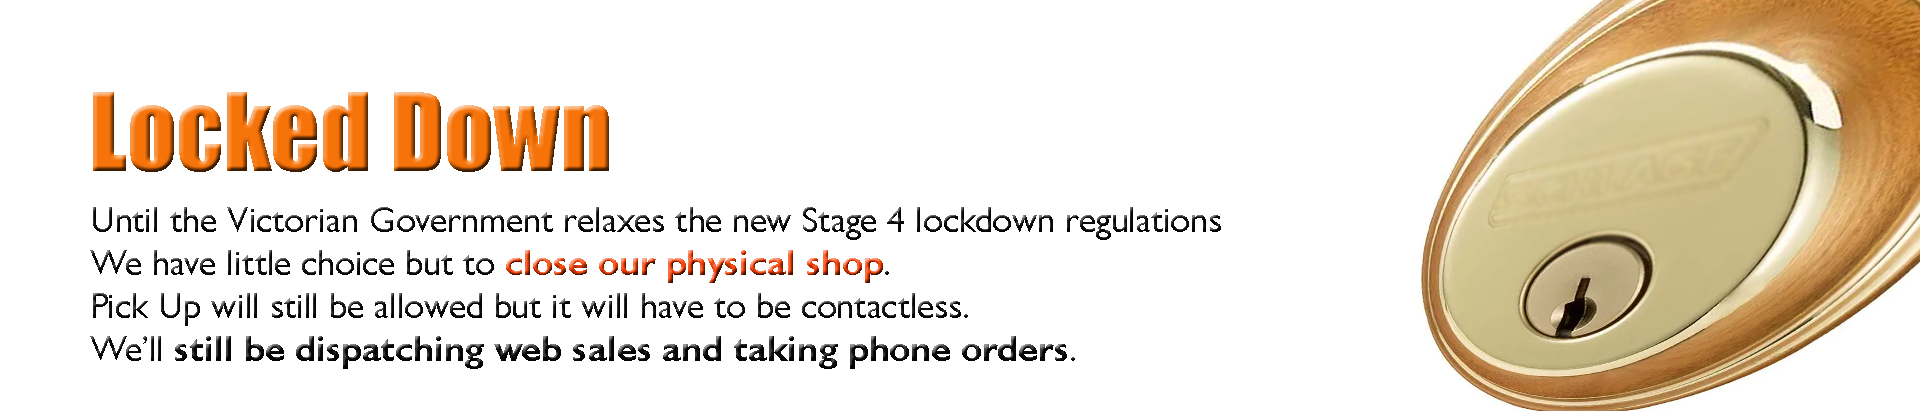 locked-down.jpg